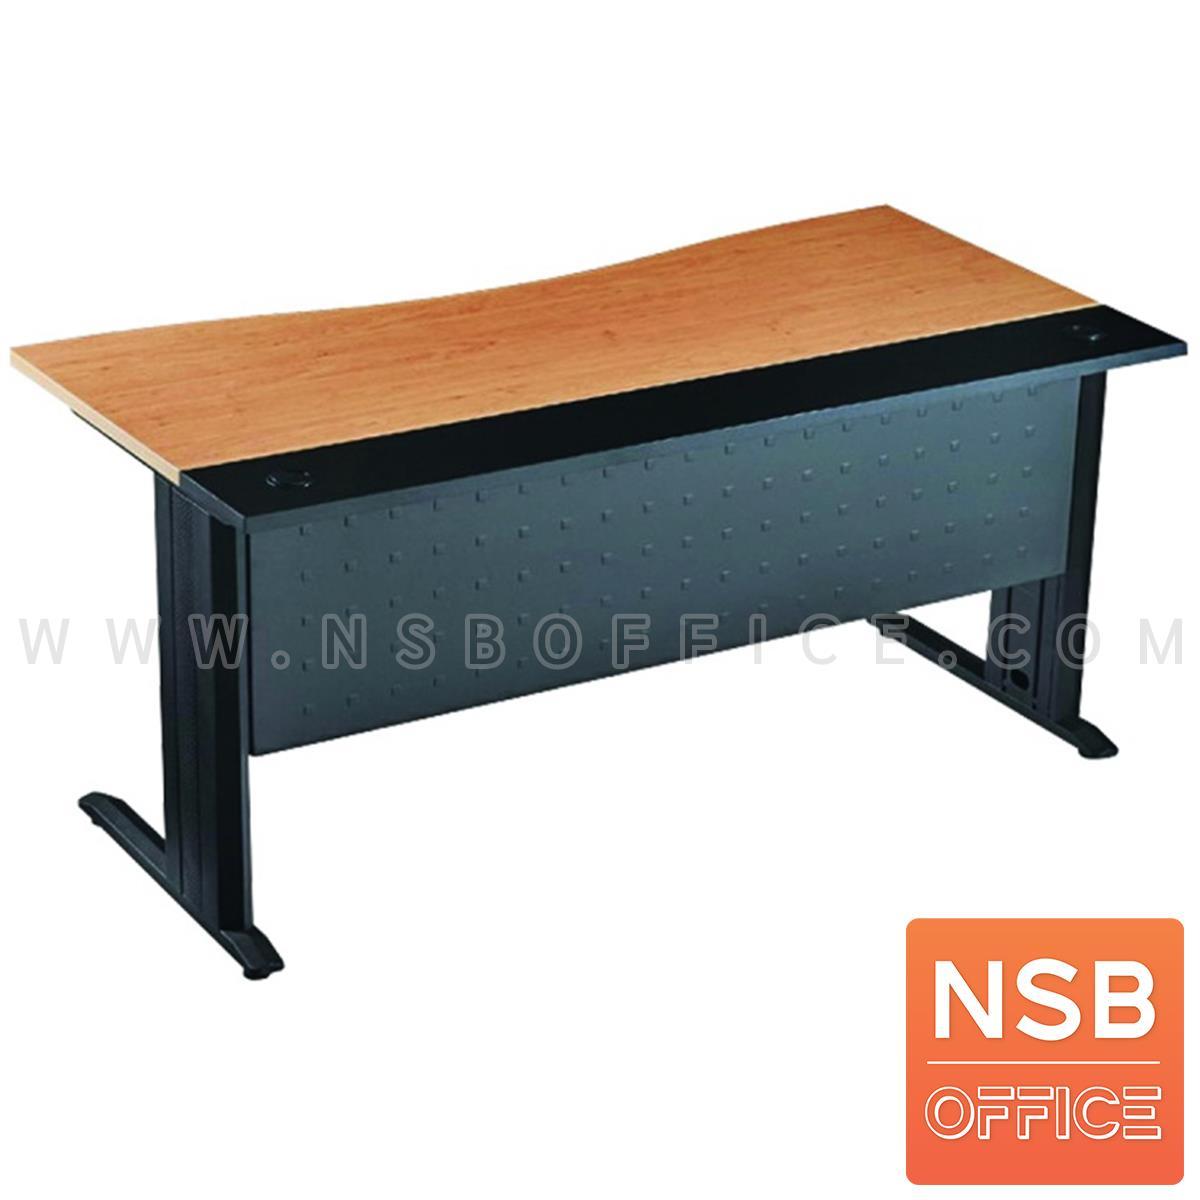 A10A009:โต๊ะทำงานหน้าโค้ง ขนาด 160W*75H cm. บังโป้เหล็ก รุ่น S-DK-0861  ขาเหล็กตัวแอลดำ